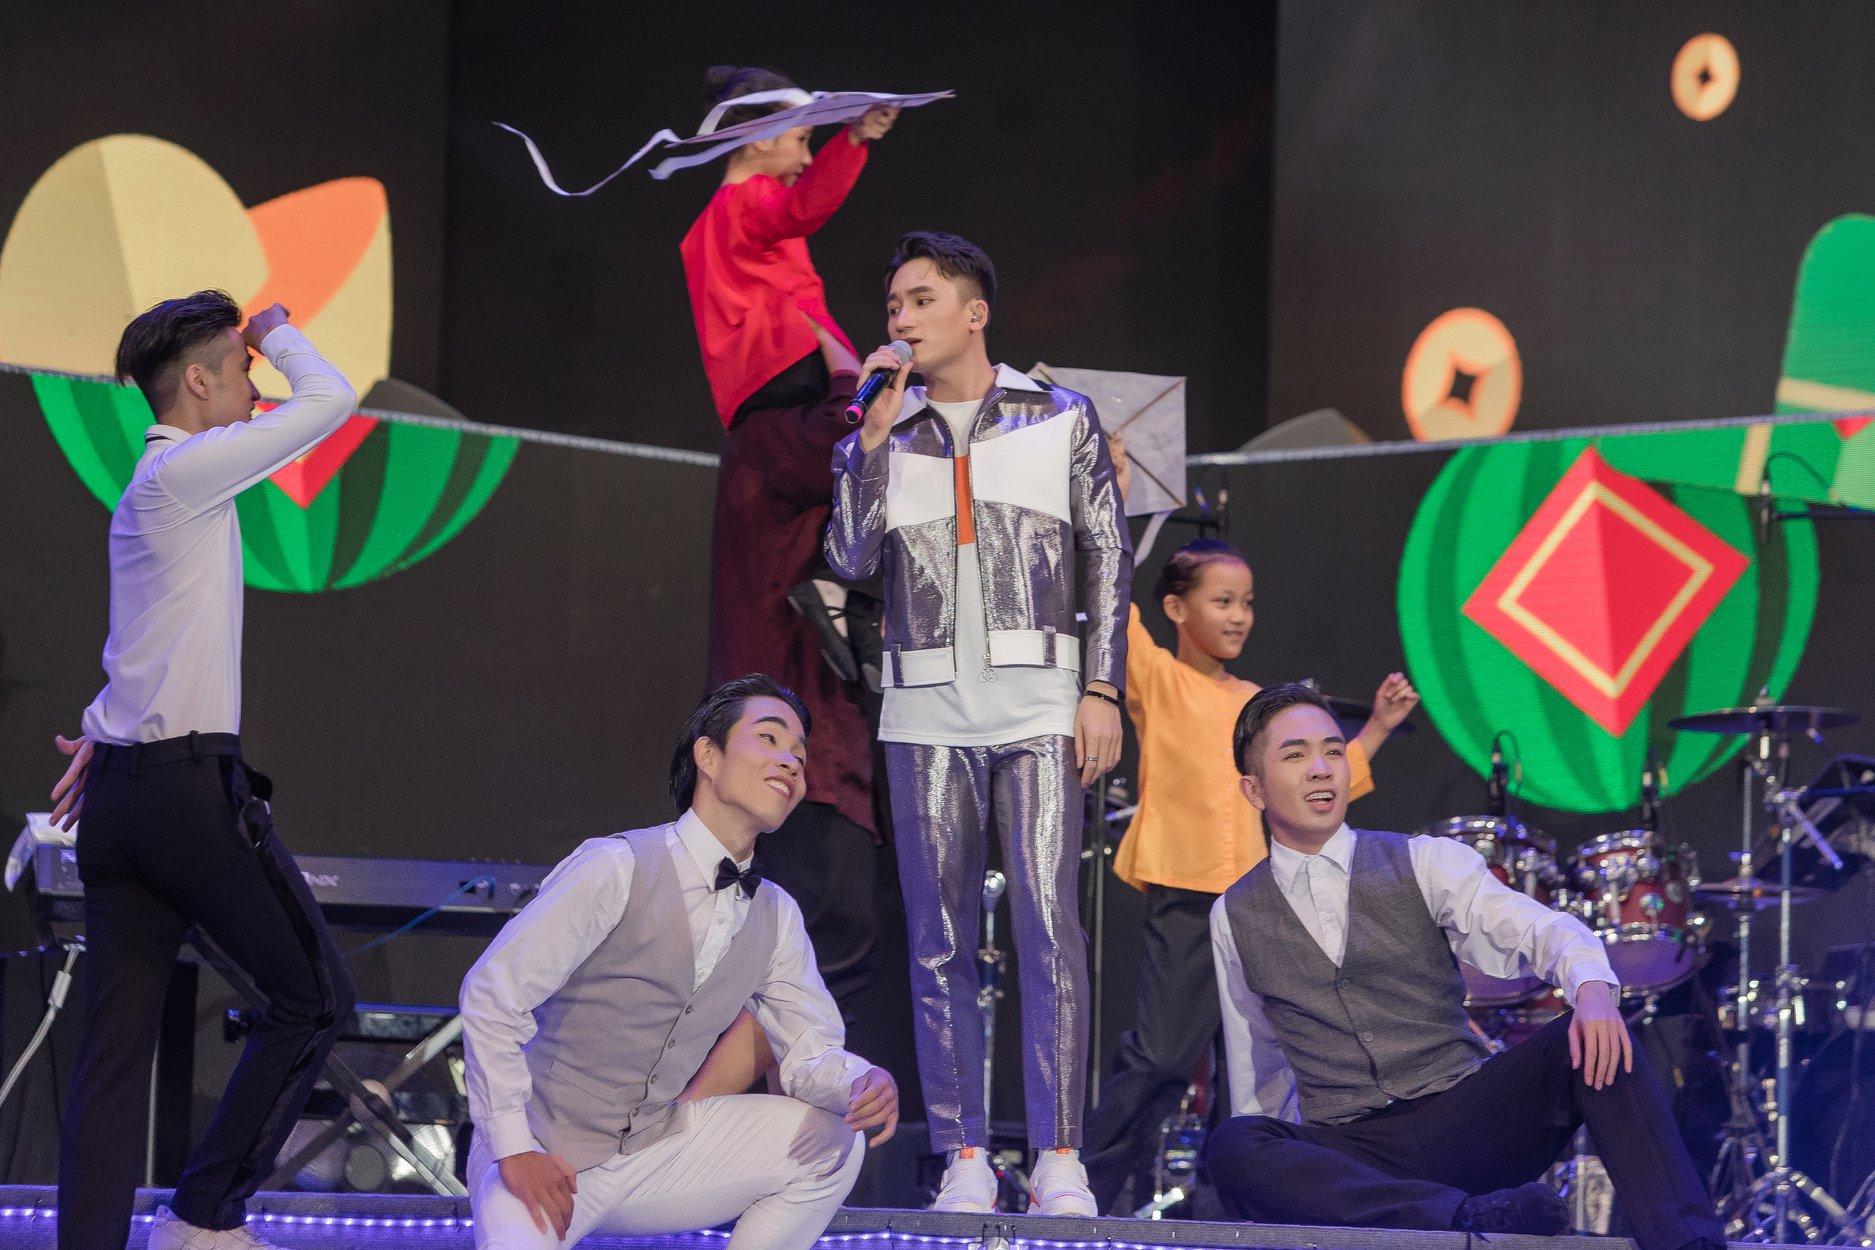 Phan Mạnh Quỳnh lần đầu hát live 'Đi để trở về 4' trước hàng chục ngàn khán giả tại New Year Countdown 2020 - Ảnh 2